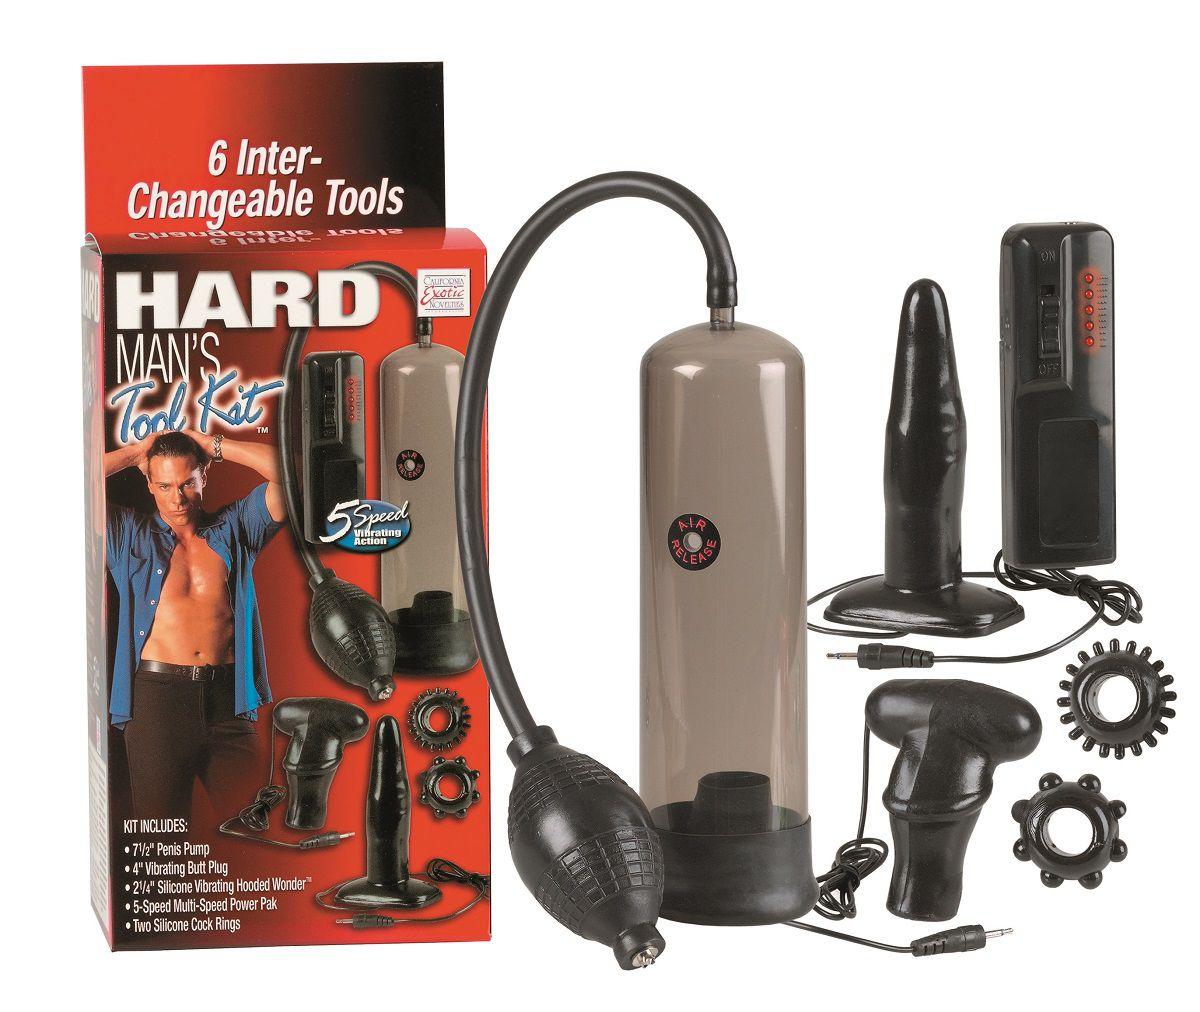 Набор для мужчин Hard Mans Tool Kit: вакуумная помпа, анальная пробка, эрекционные кольца и виброяичко - фото 139436